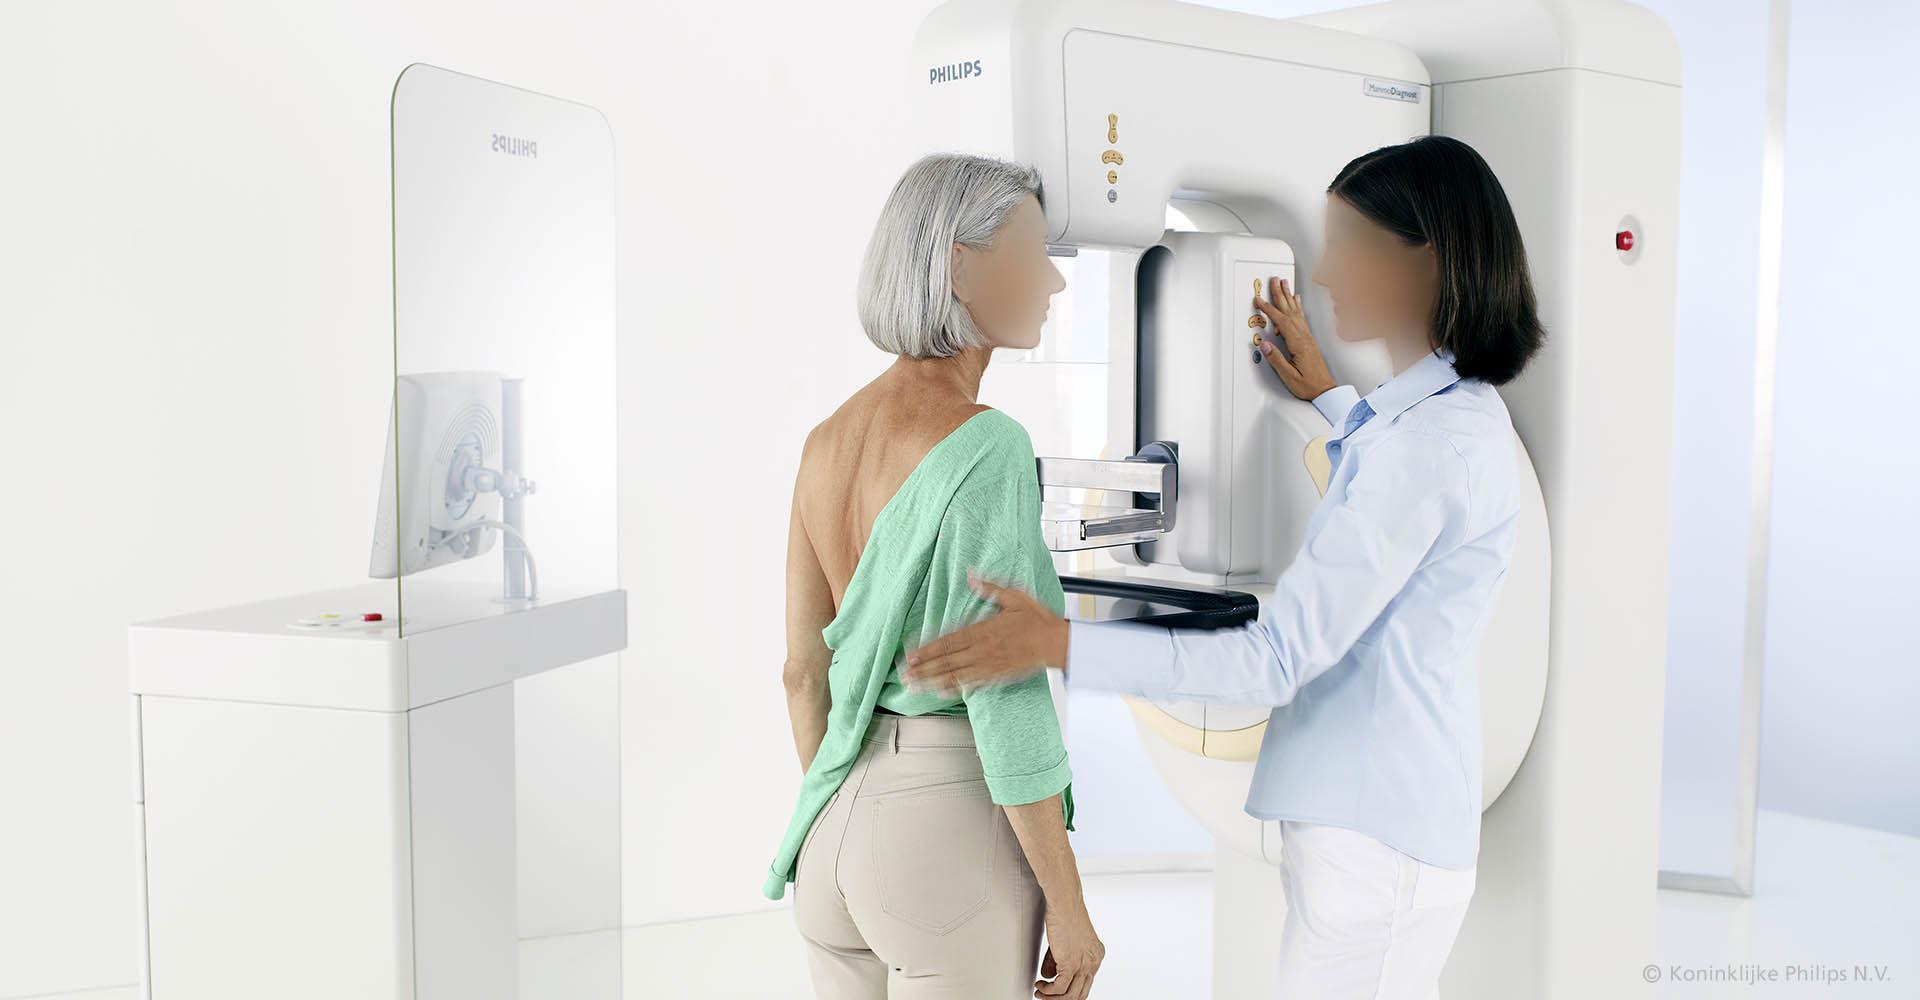 Philips Mammo Diagnost DR